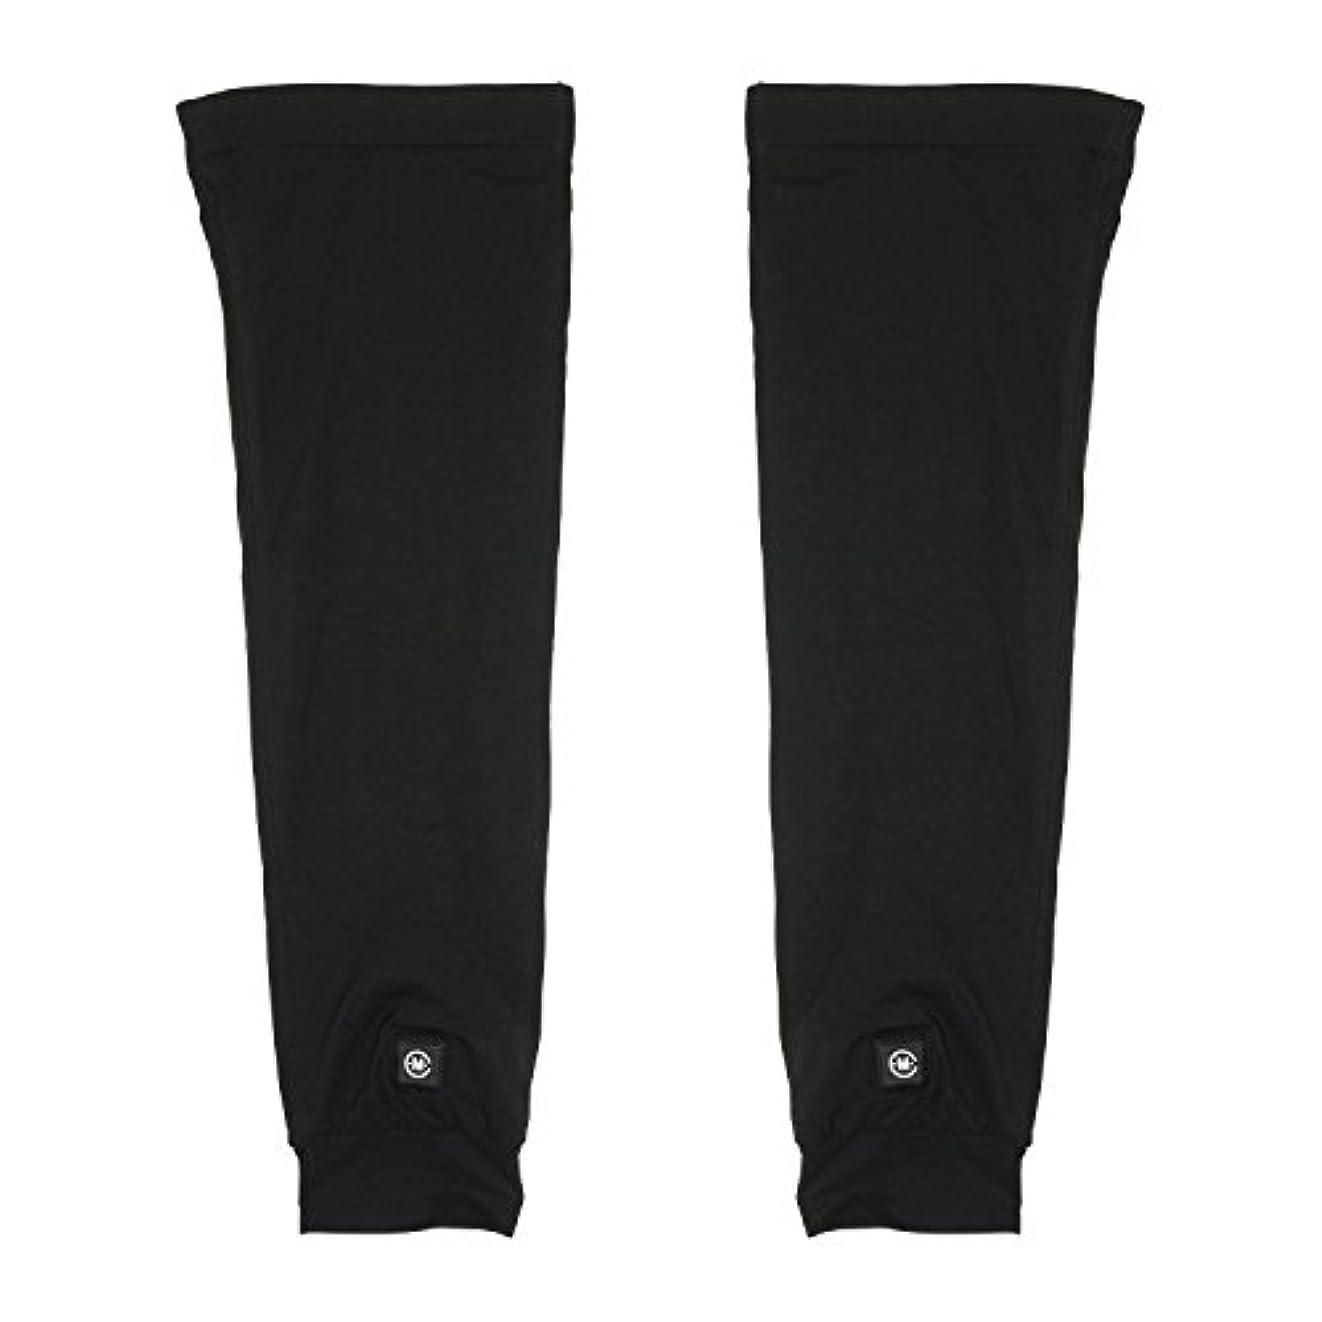 芝生緊張アルカイックめちゃヒート 脚を温める 充電式電熱 レッグウォーマー [男女兼用 フリーサイズ 連続4時間使用] 防寒 保温 冷え性 冷え症 対策 バッテリー駆動 メンズ レディース